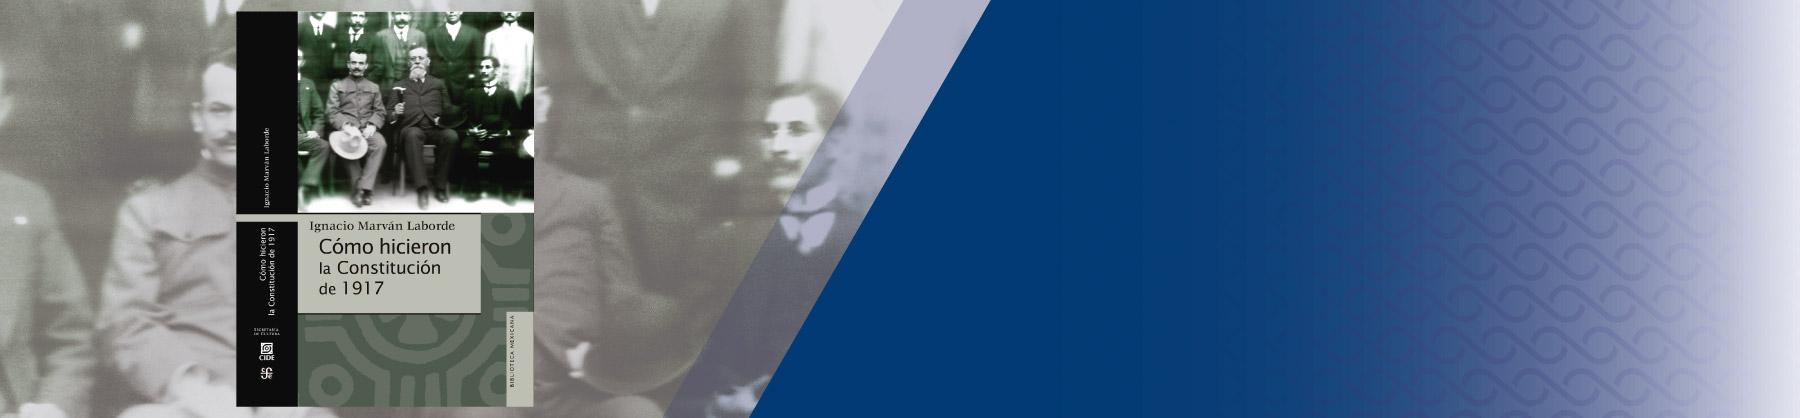 cide_presentan_libro_Como_hicieron_la_Constitucion_de_1917